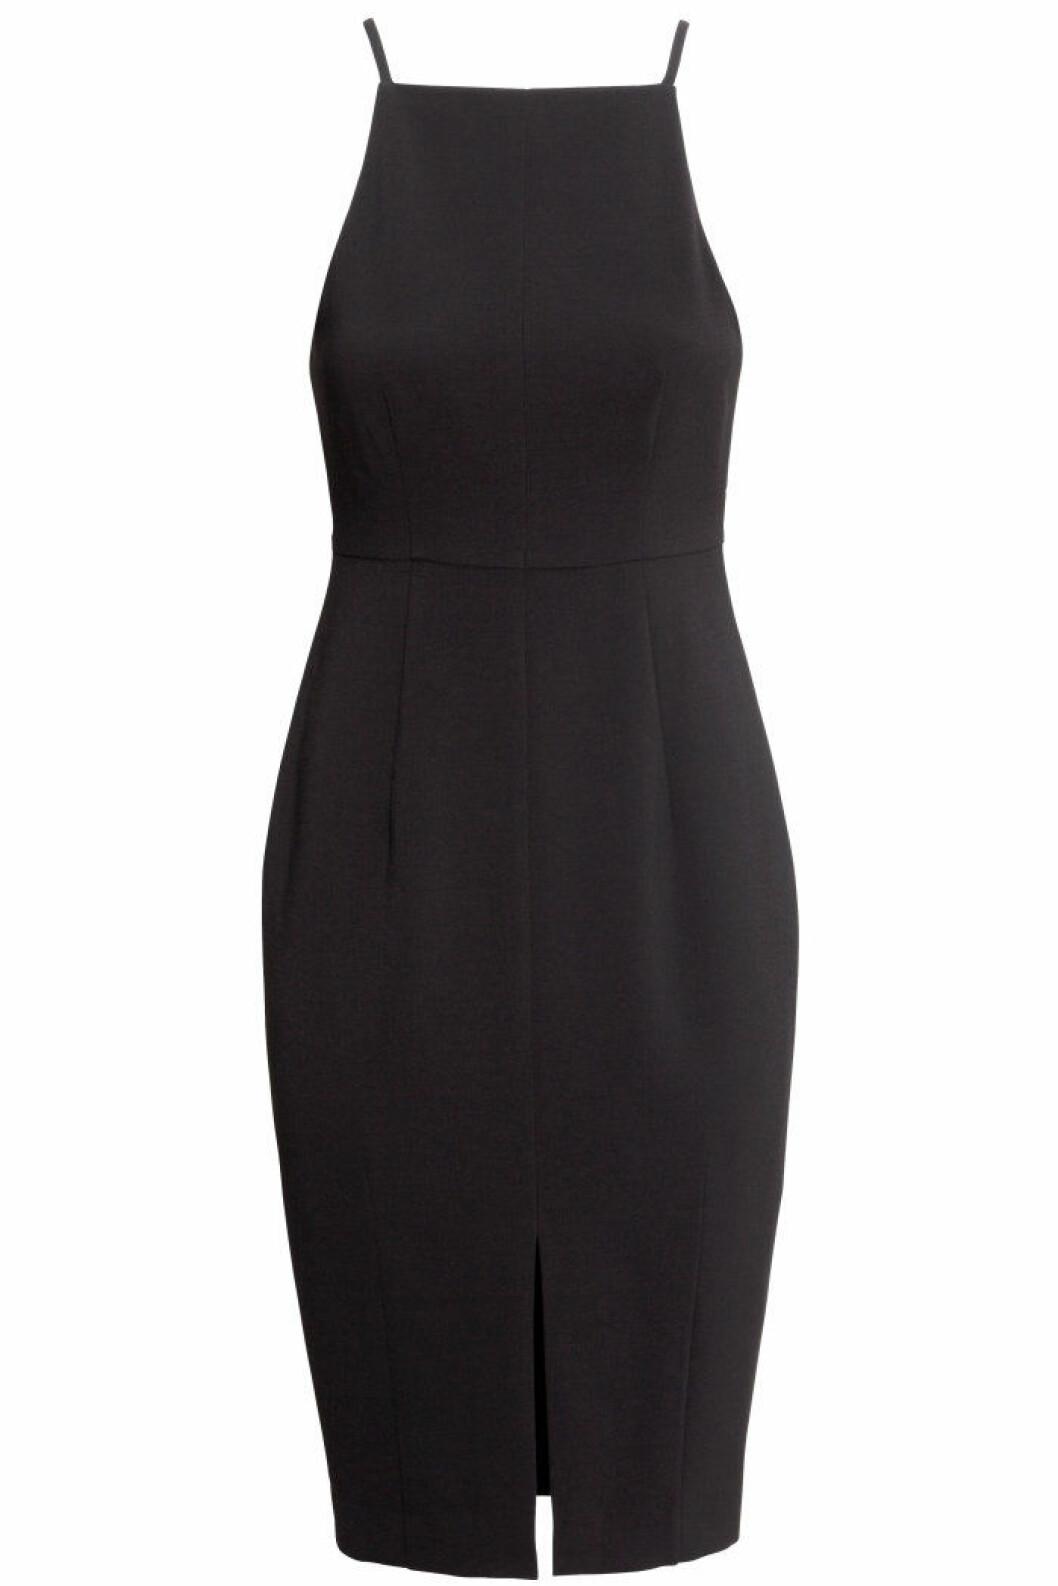 4. Klänning, 299 kr, H&M